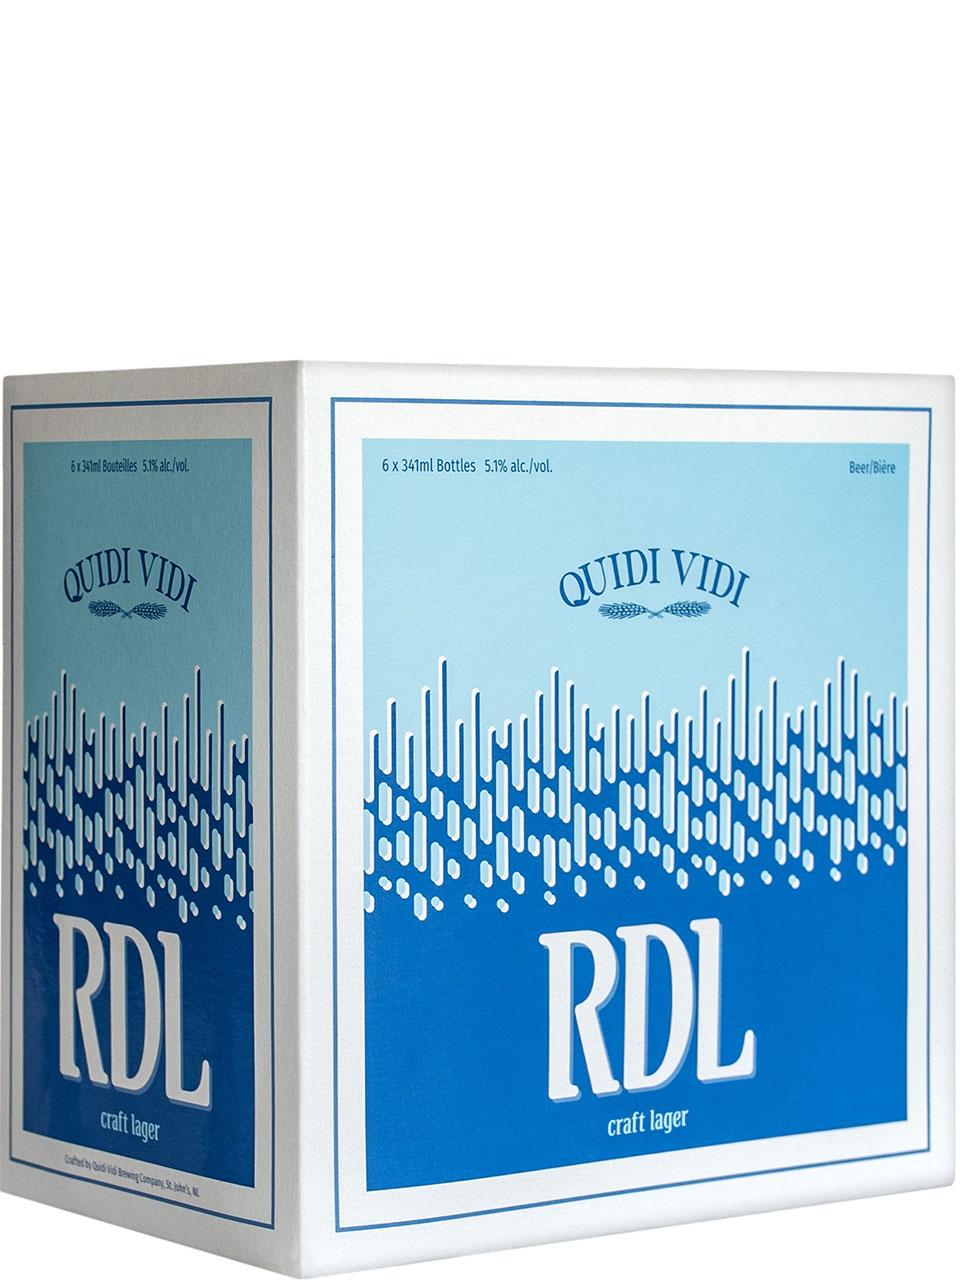 Quidi Vidi RDL Lager 6 Pack Bottles